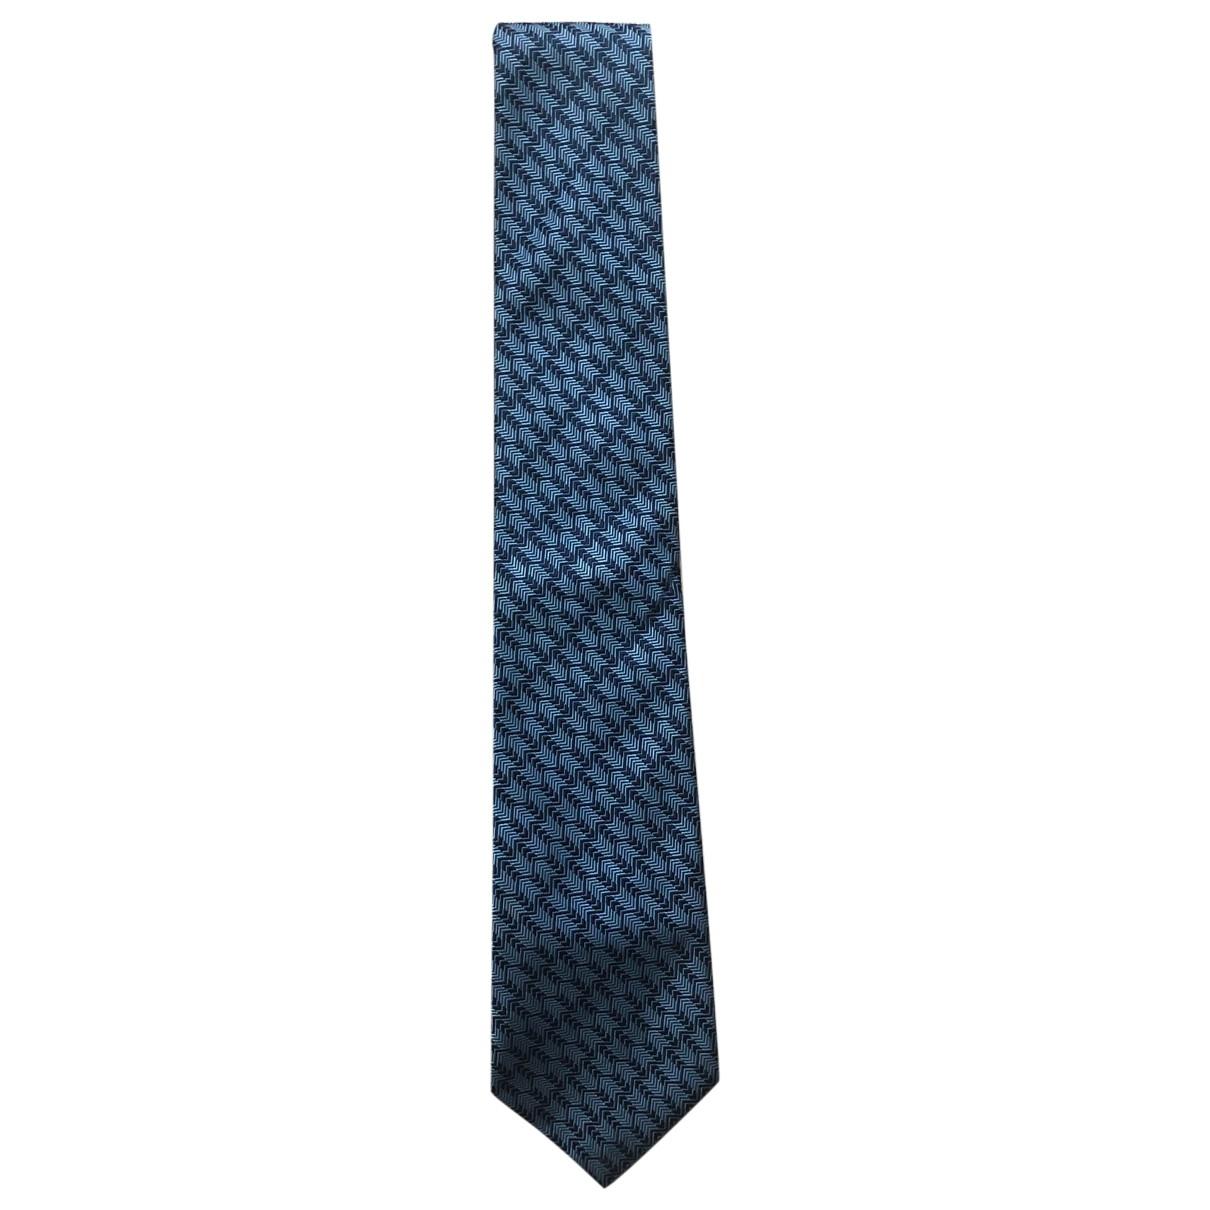 Turnbull & Asser \N Krawatten in  Blau Seide